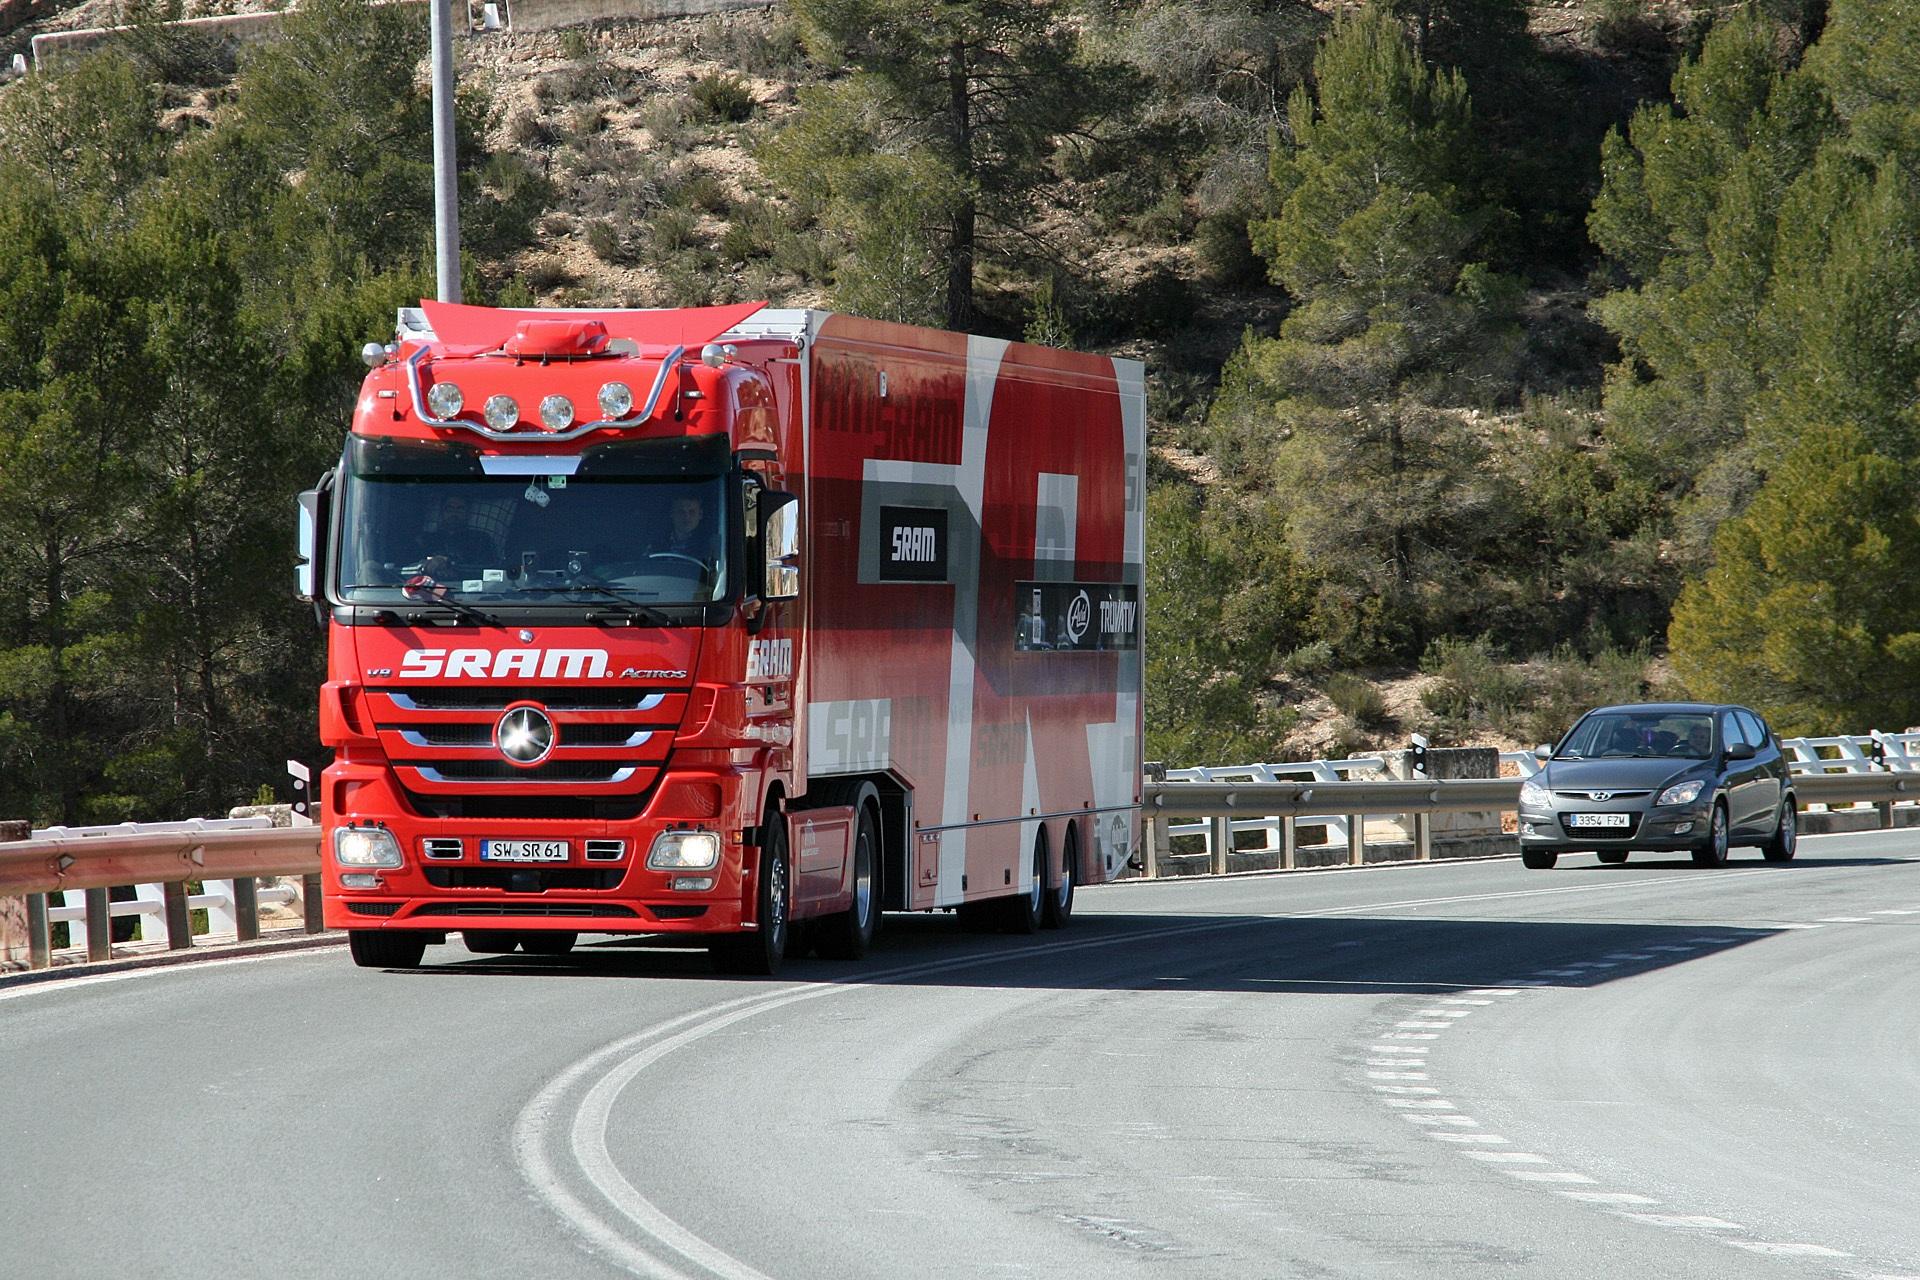 Free images highway transport emergency service roar for Mercedes benz of nashville service department